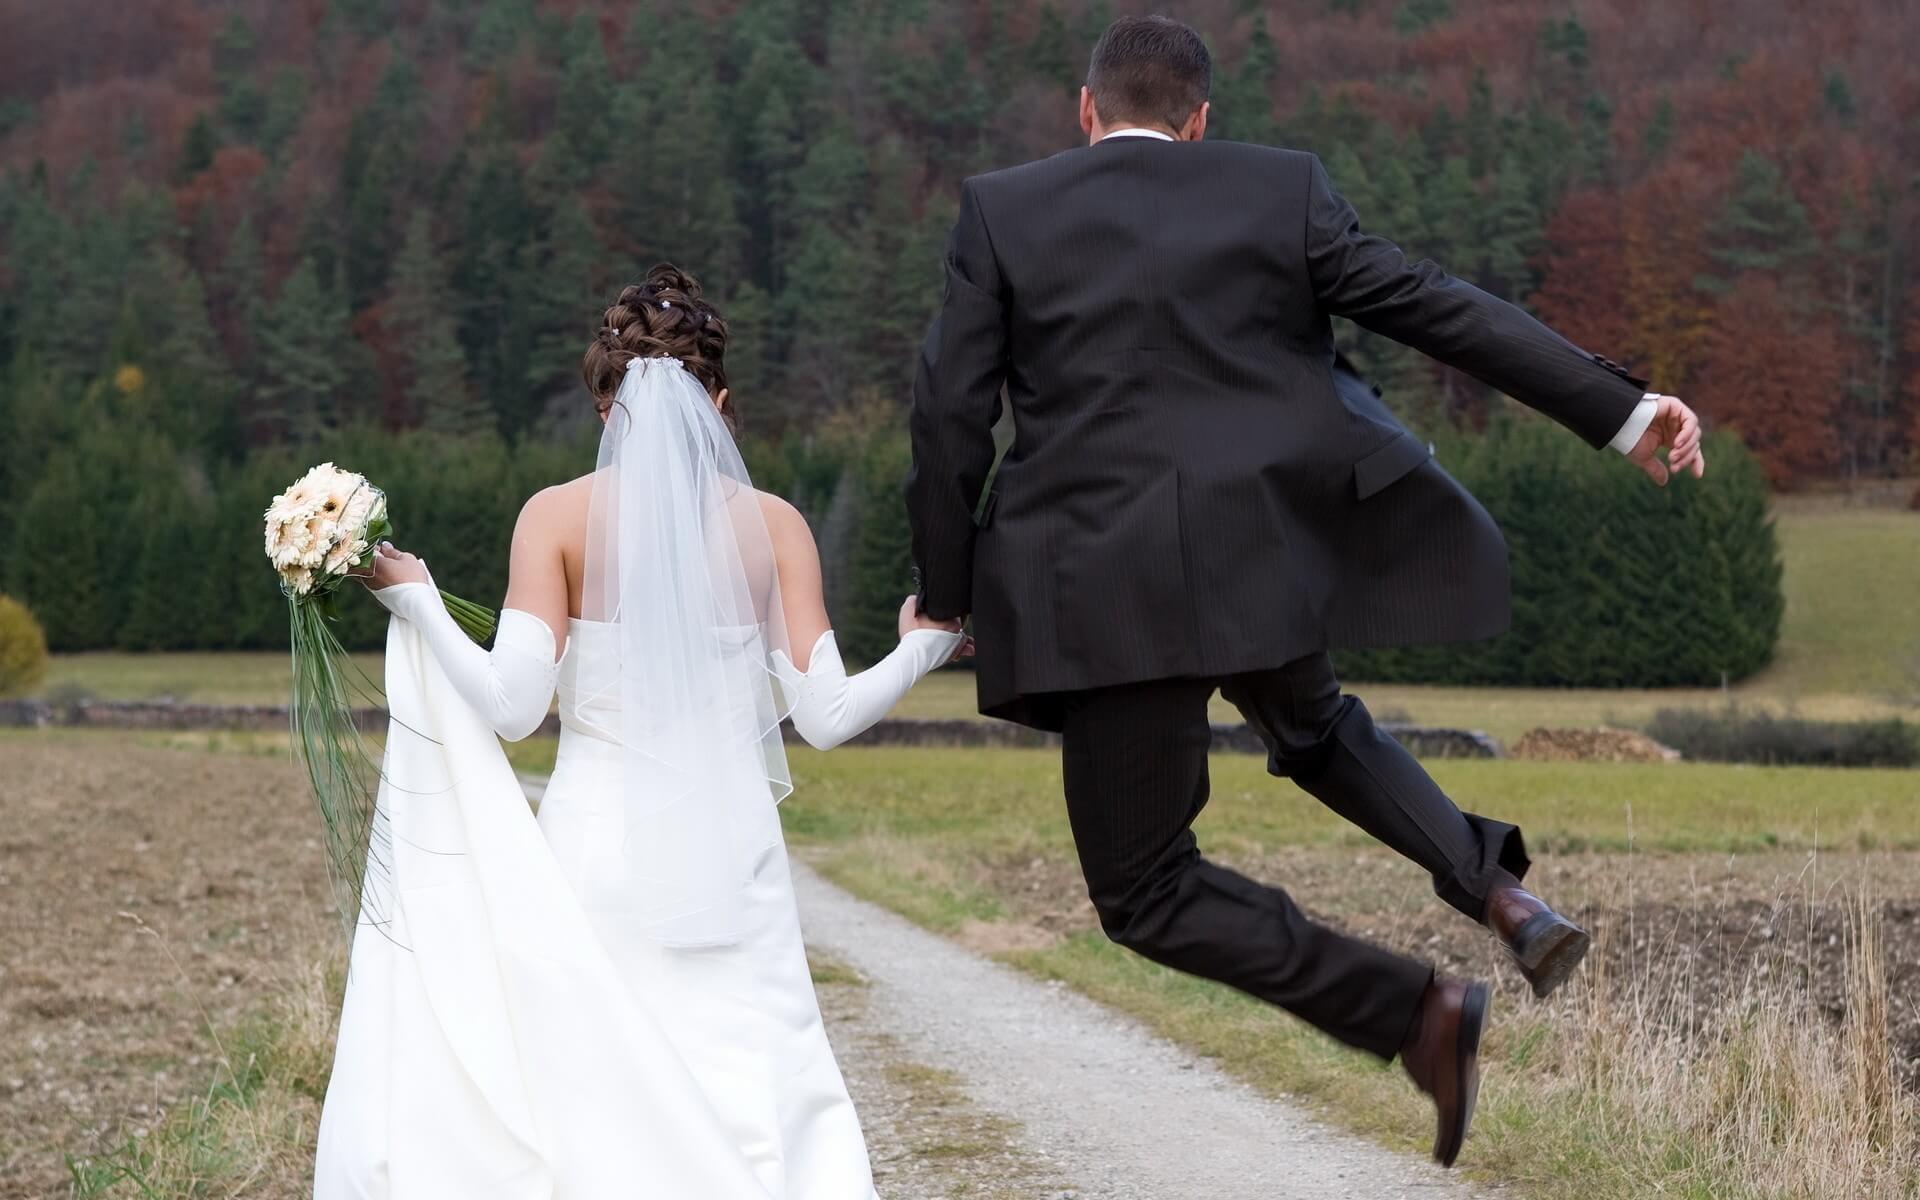 Yeni Evlilere Alınabilecek Hediyeler